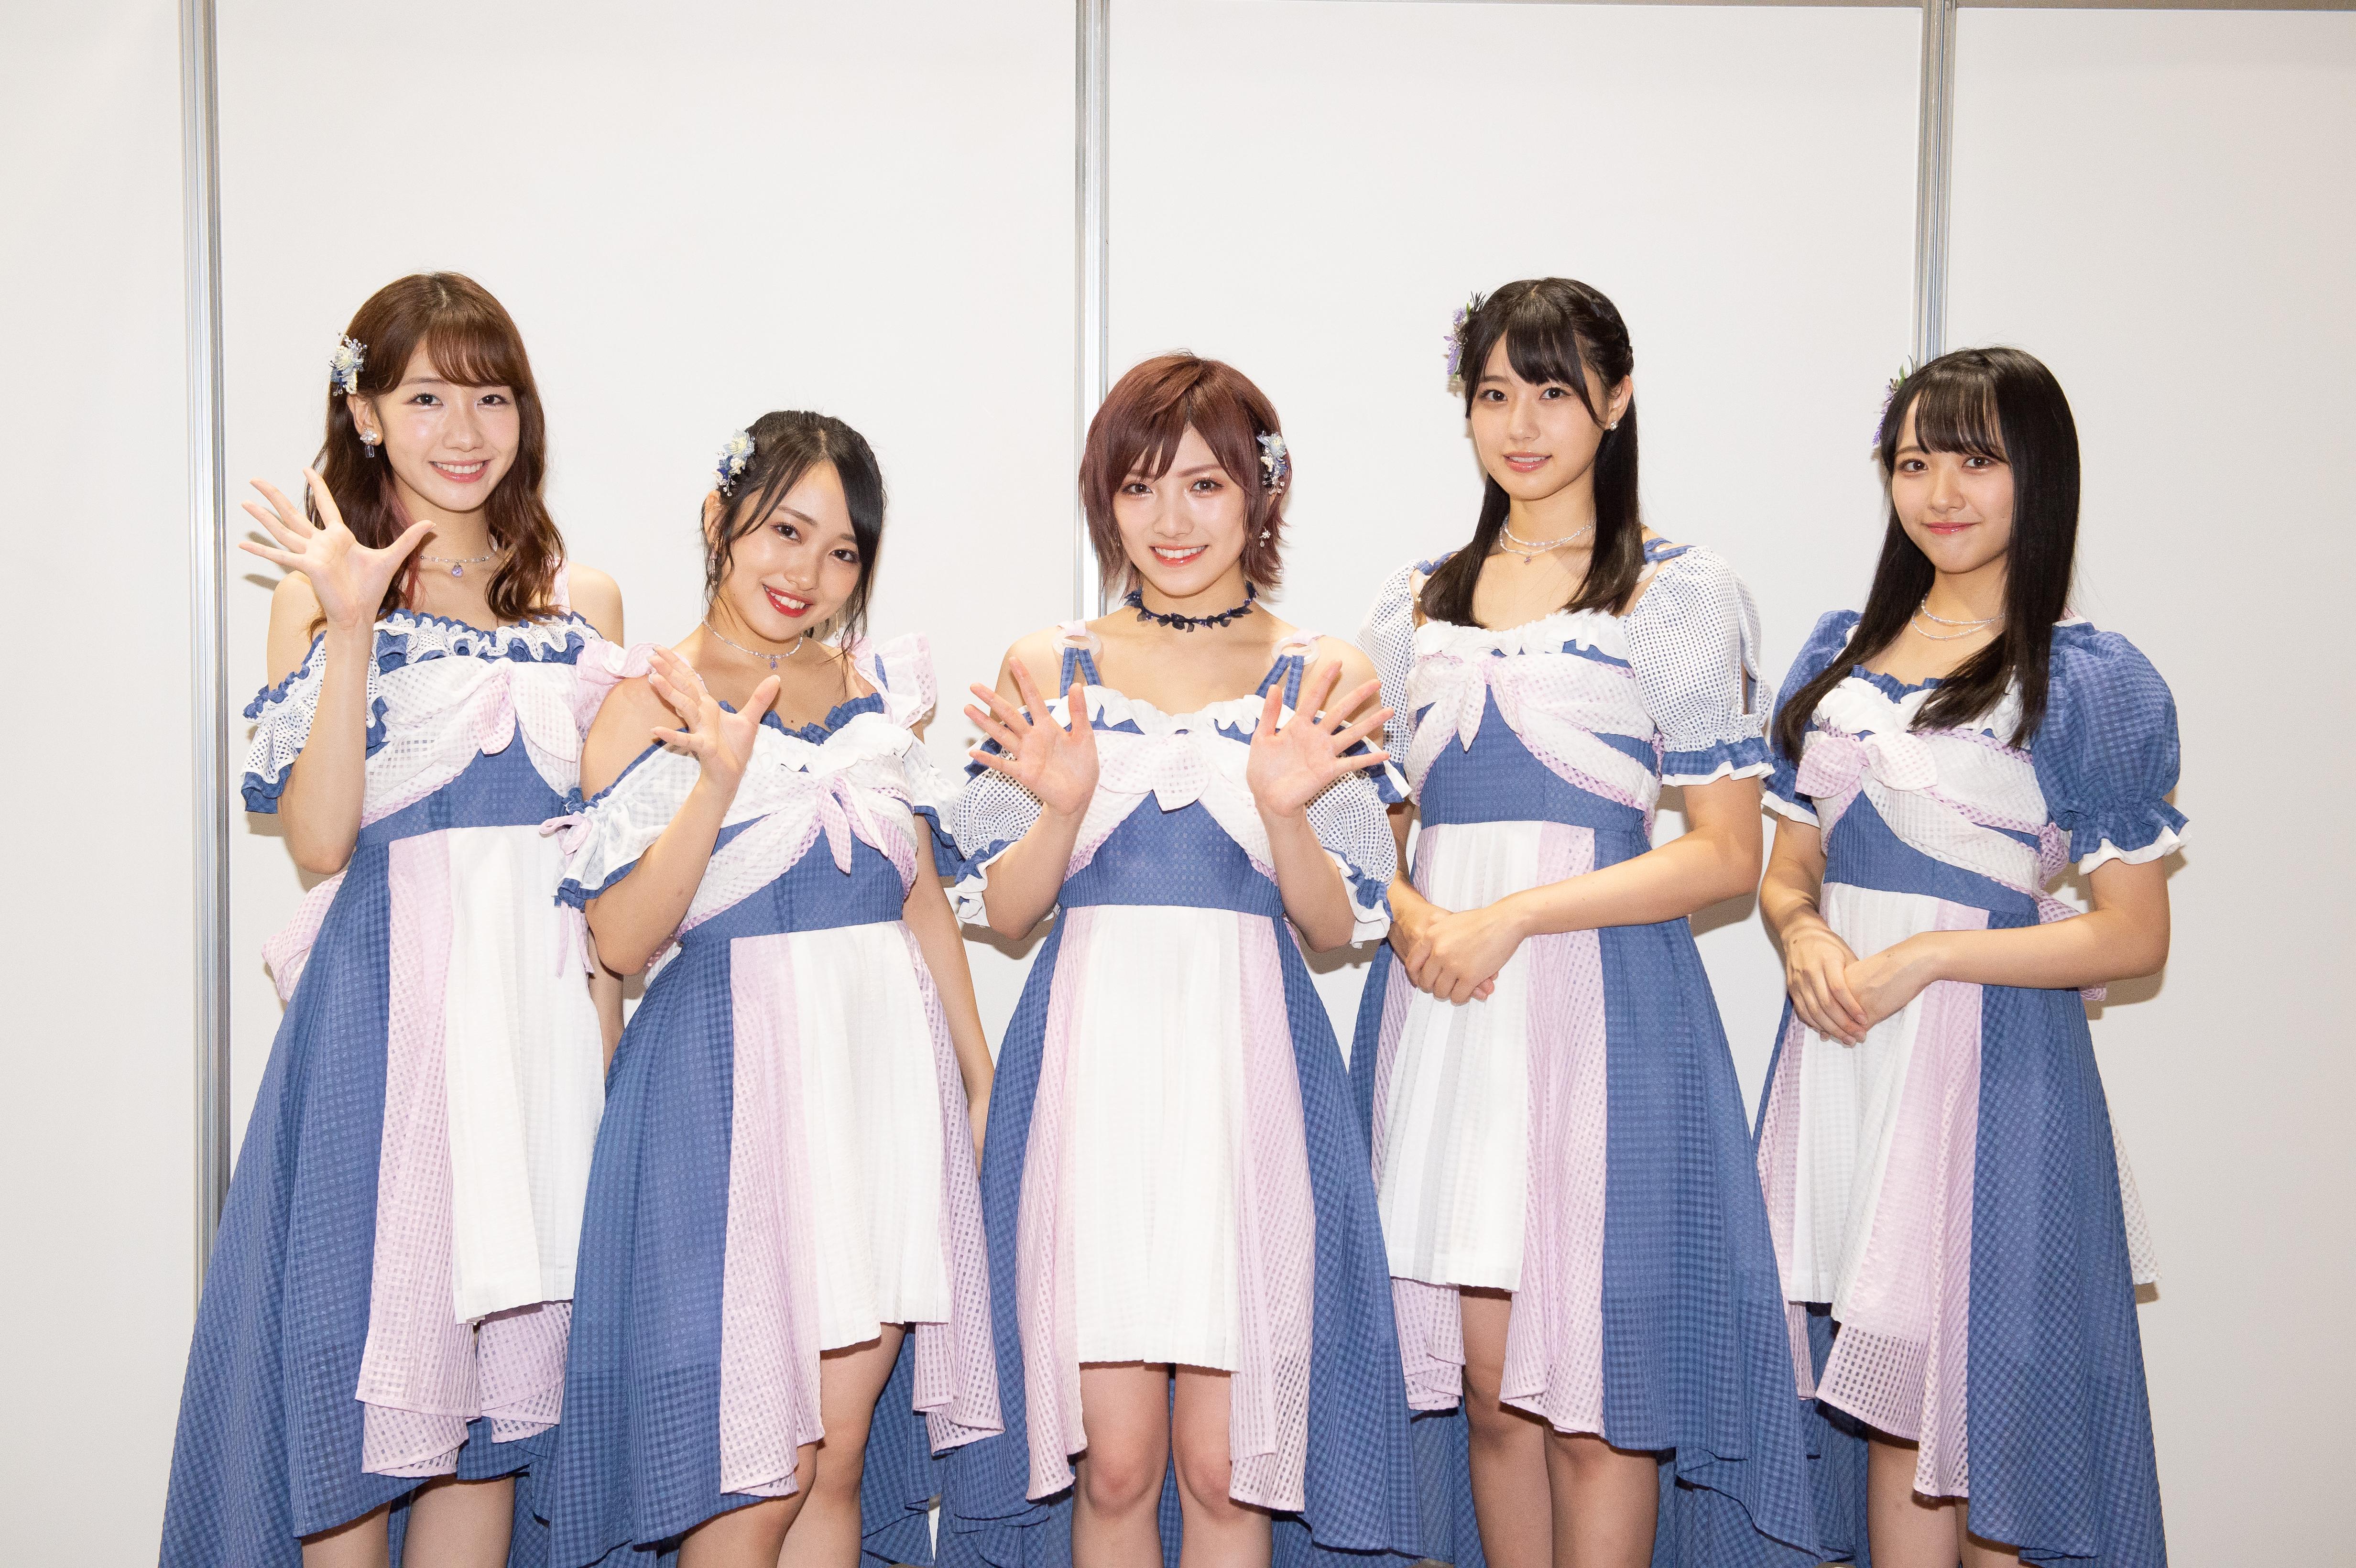 囲み取材:左から柏木(AKB48)、向井地(AKB48)、岡田(AKB48/STU48)、瀧野(STU48)、石田千穂(STU48)